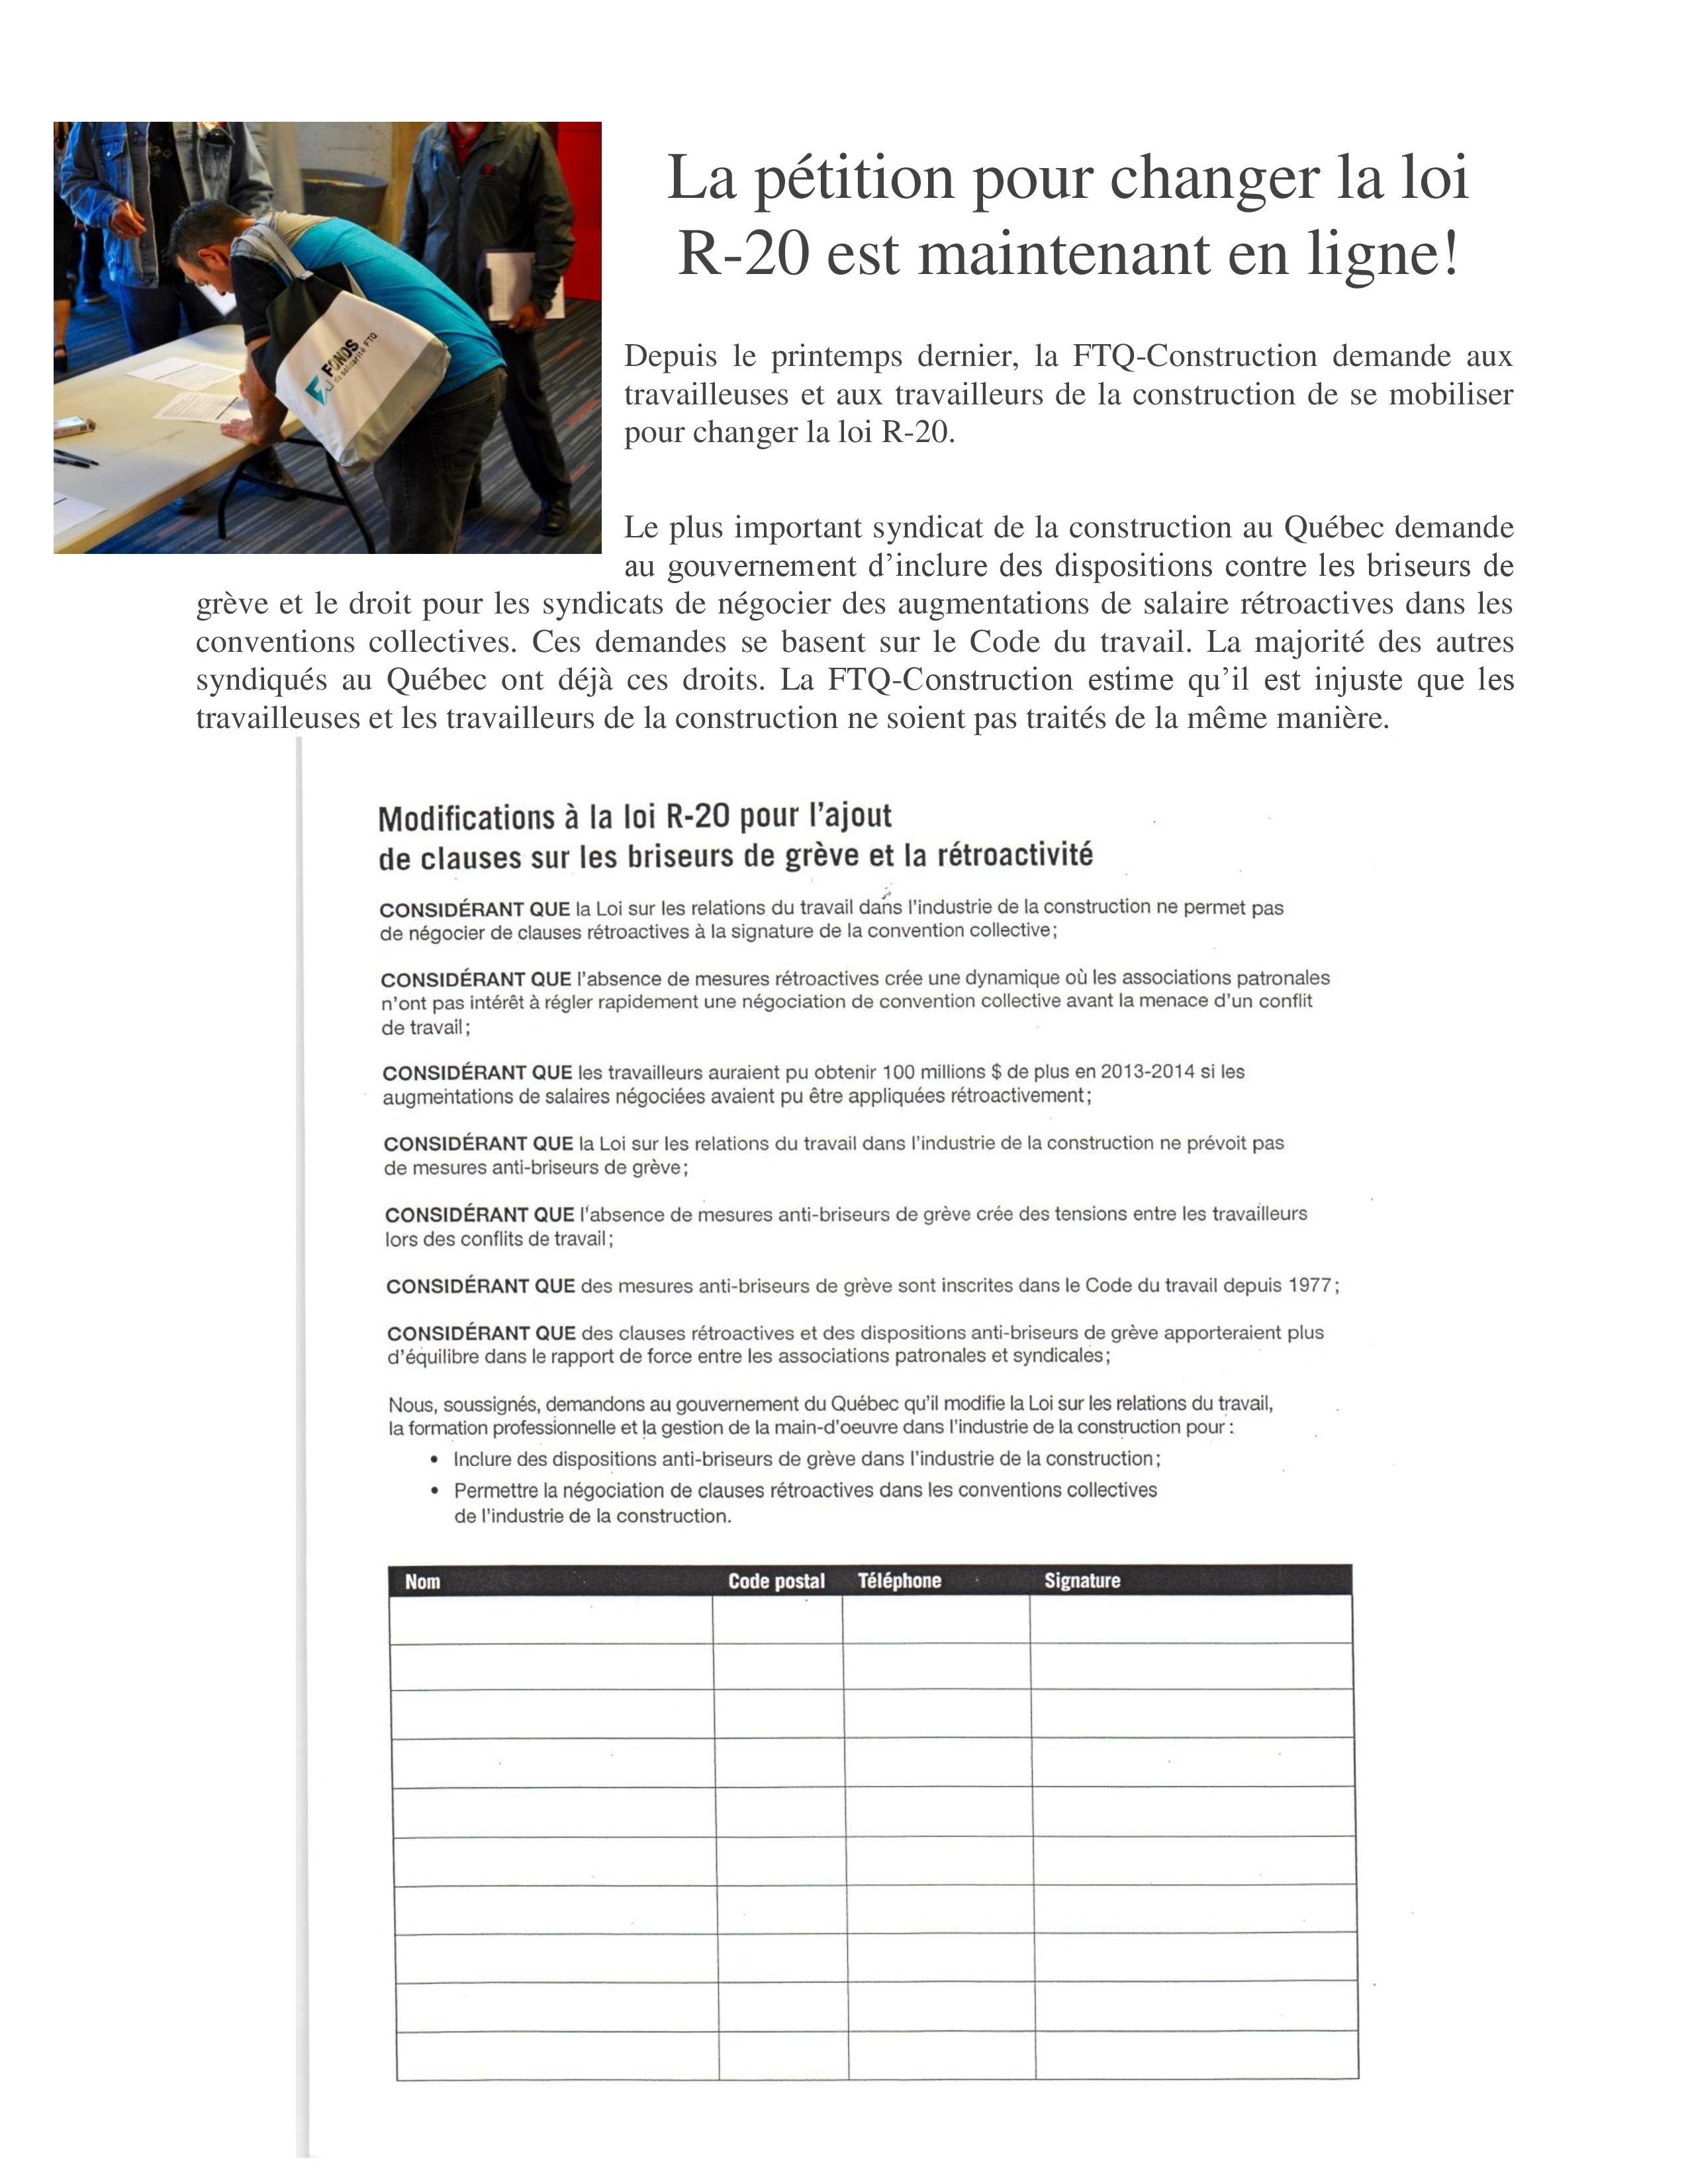 la-petition-pour-changer-la-loi-r-20-page-001